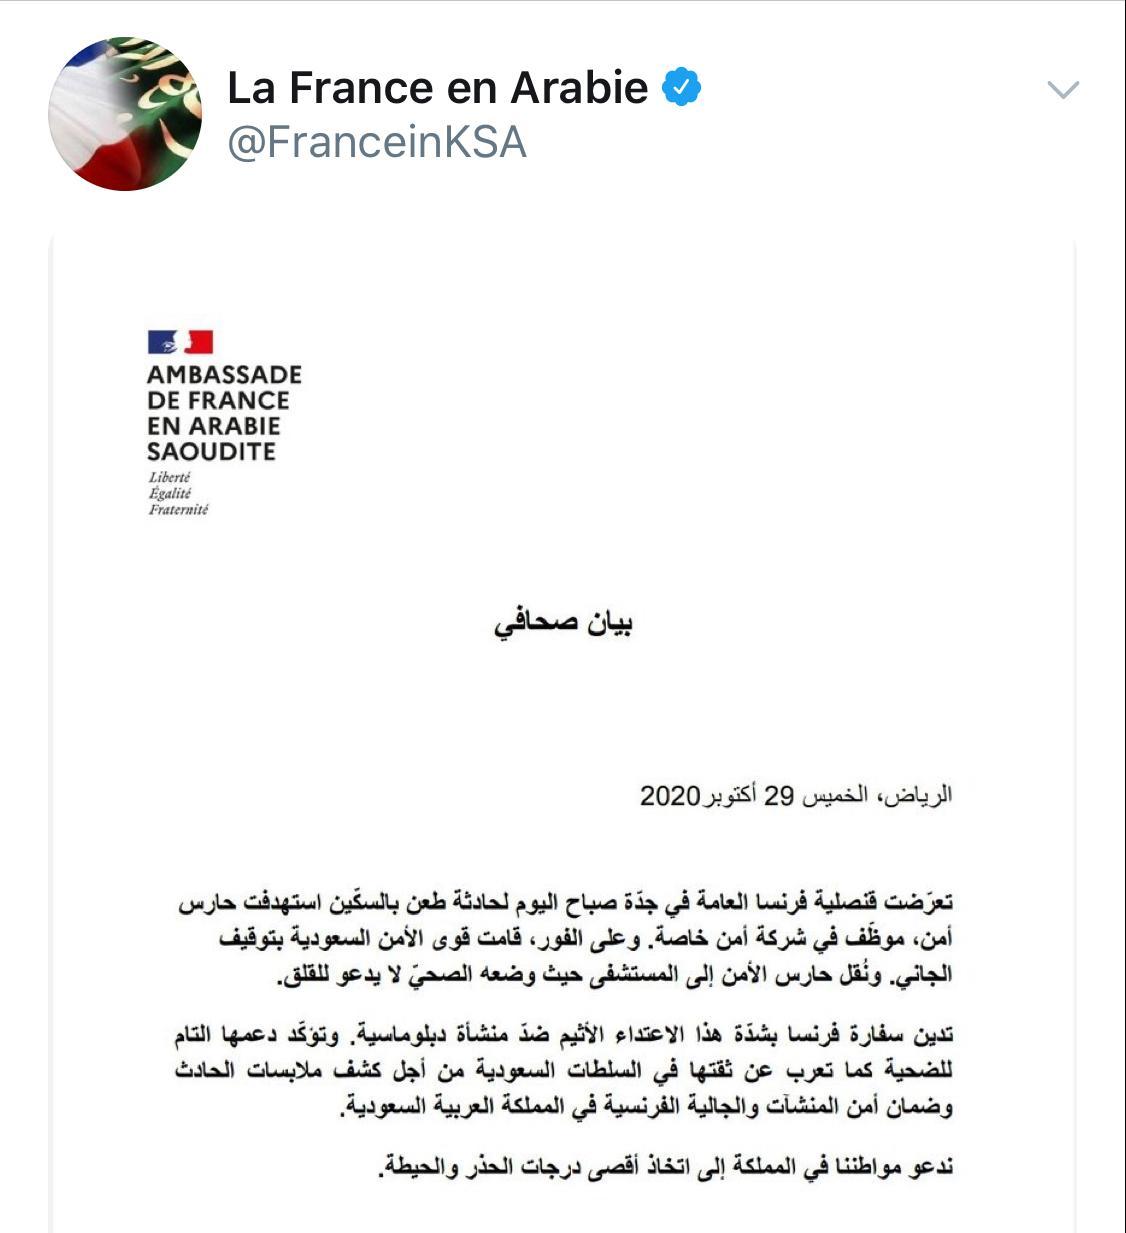 △法国使馆社交媒体账号截图